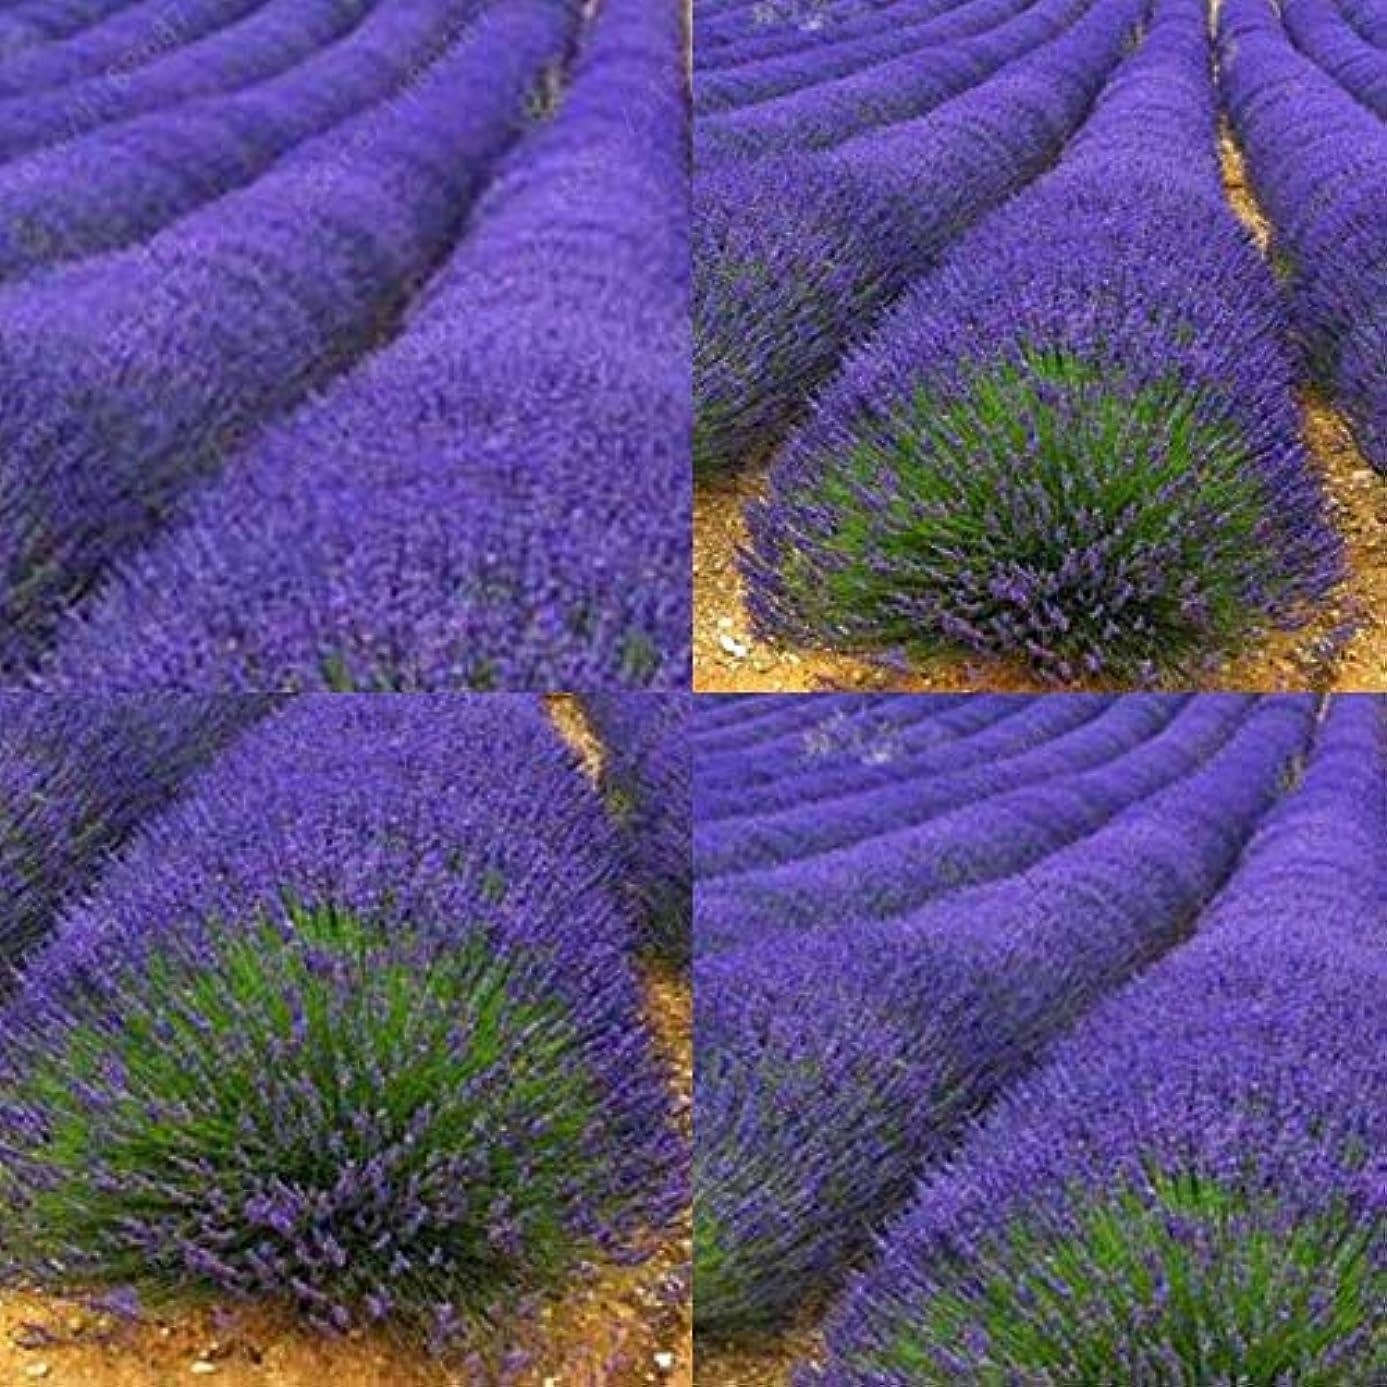 八百屋さん水没ふさわしいPortal Cool Type2 200Pcs: New Garden Aromatic Spices Variety Herb Seeds Plant Vegetable Lavender Herb